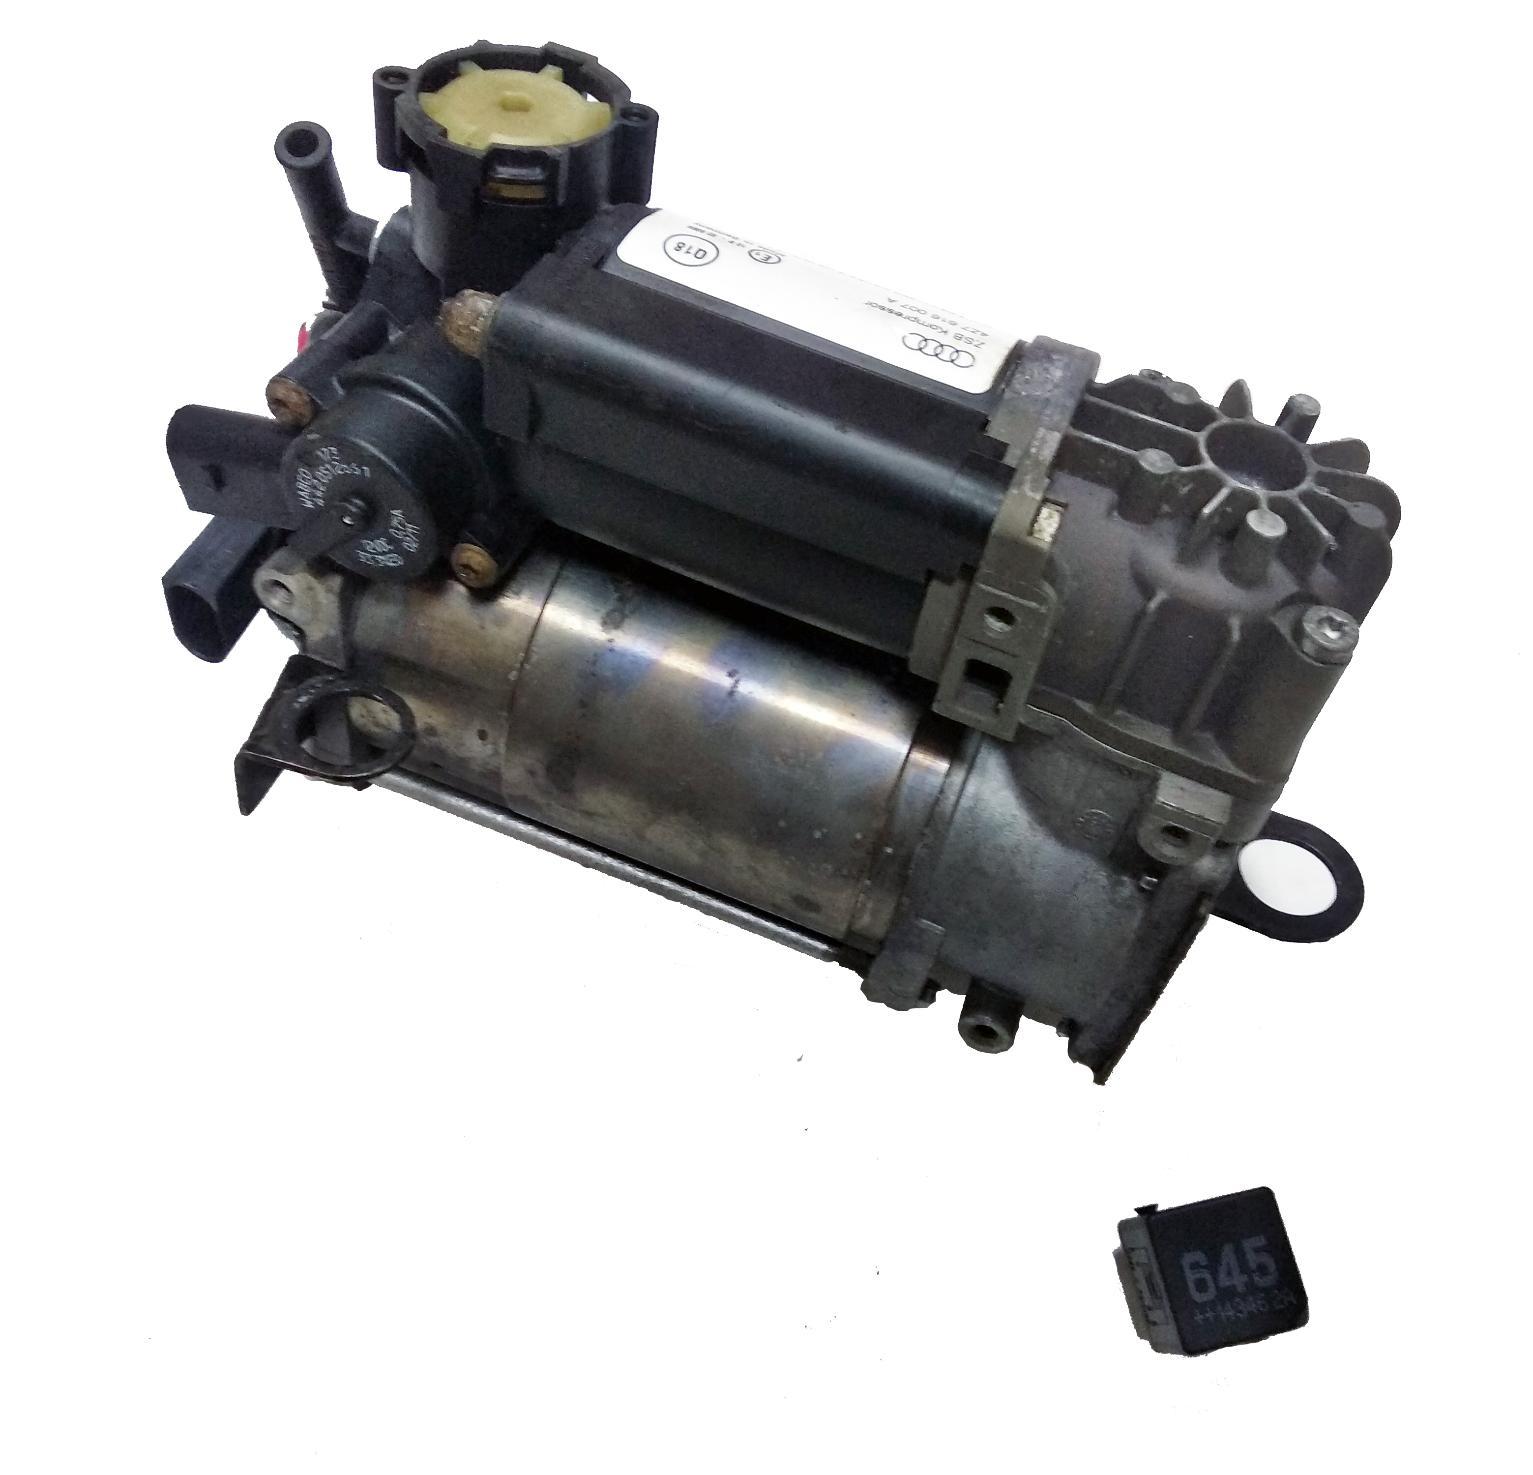 картинка Оригинальный восстановленный компрессор пневмоподвески Wabco для Mercedes-Benz W211, W219, W220 и Maybach W240 (A2203200104) от магазина пневмоподвески ПневмоМаркет